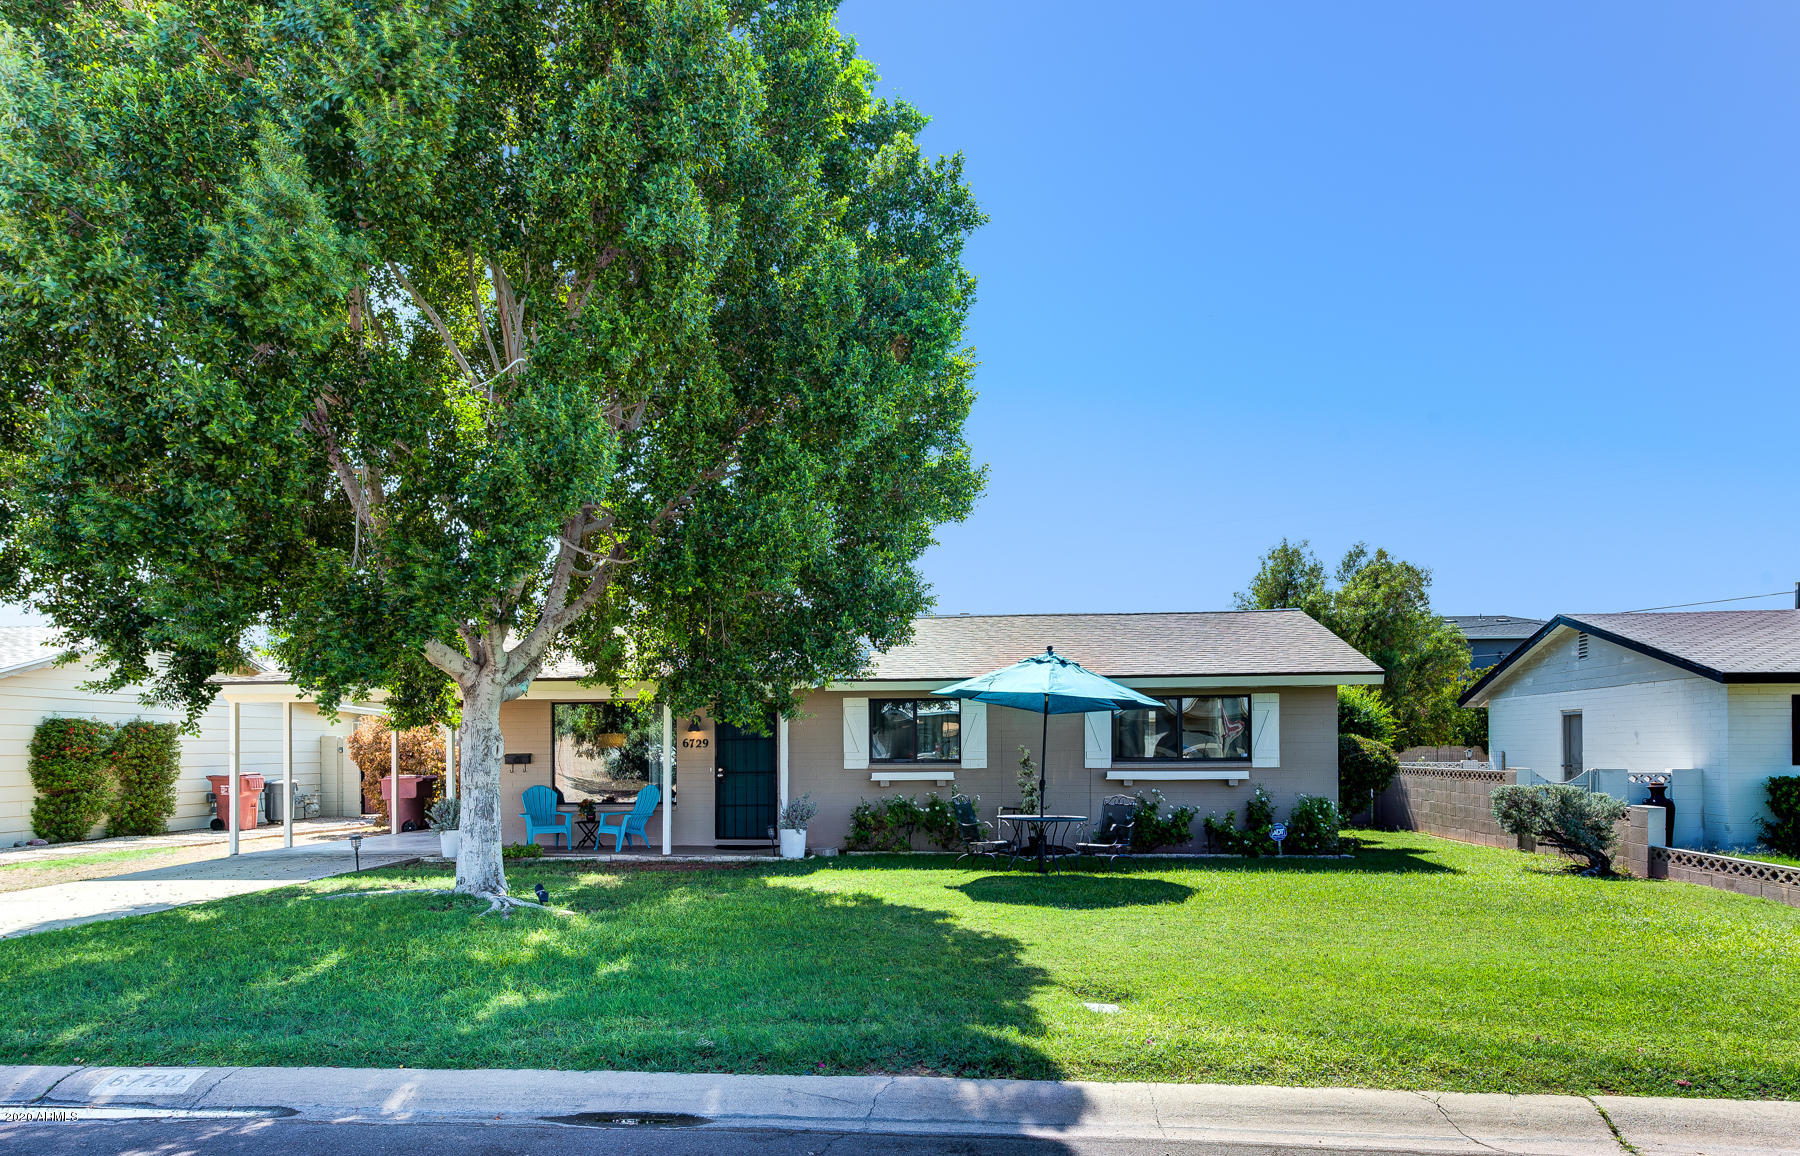 6729 E 1st Avenue, Scottsdale AZ 85251 - Photo 1